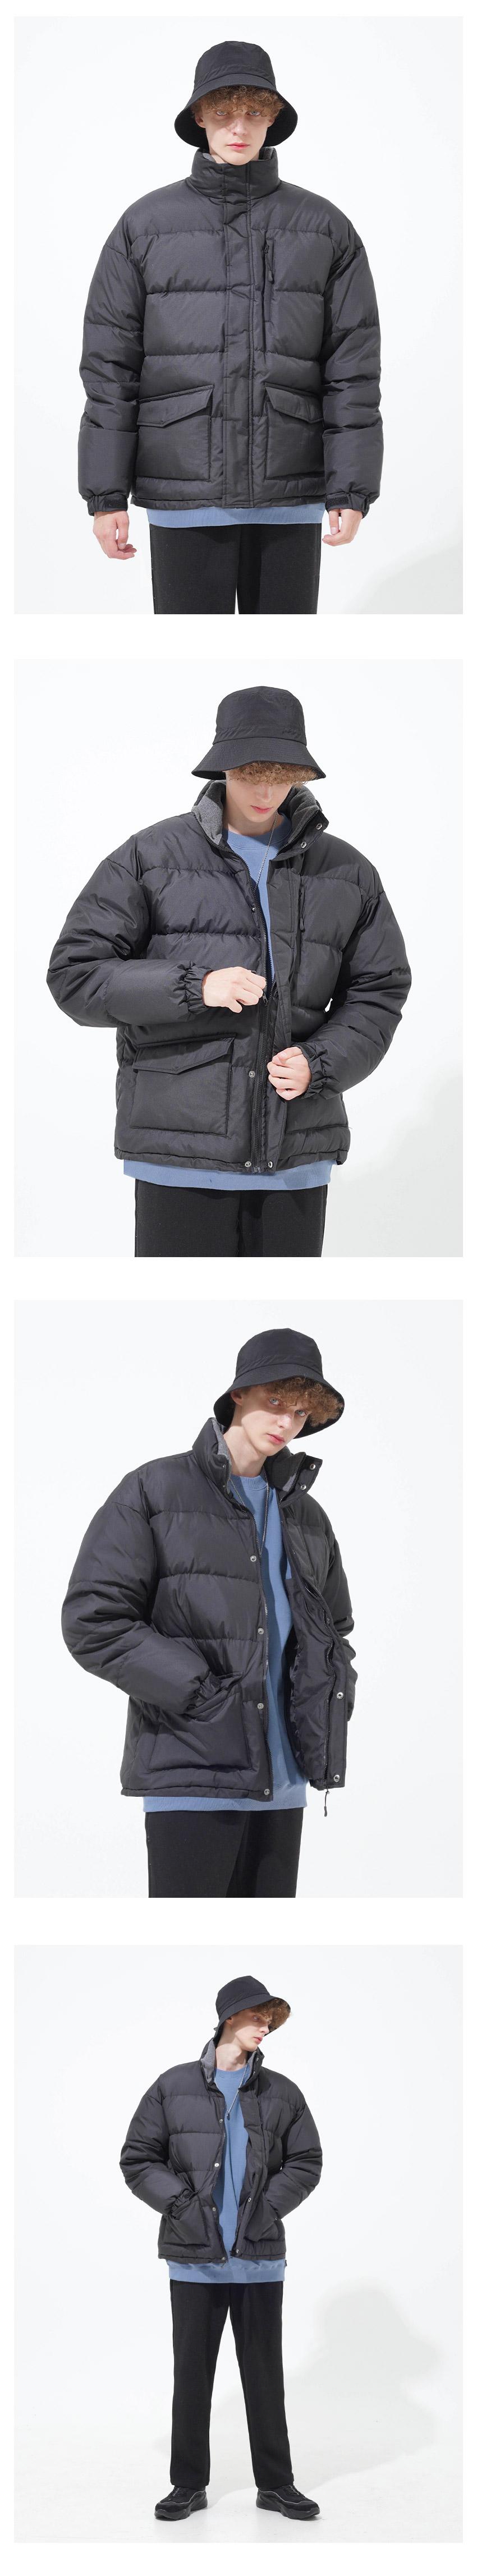 [페플] 임팩트 포켓 덕다운 패딩 6종 베이지 KHOT1236